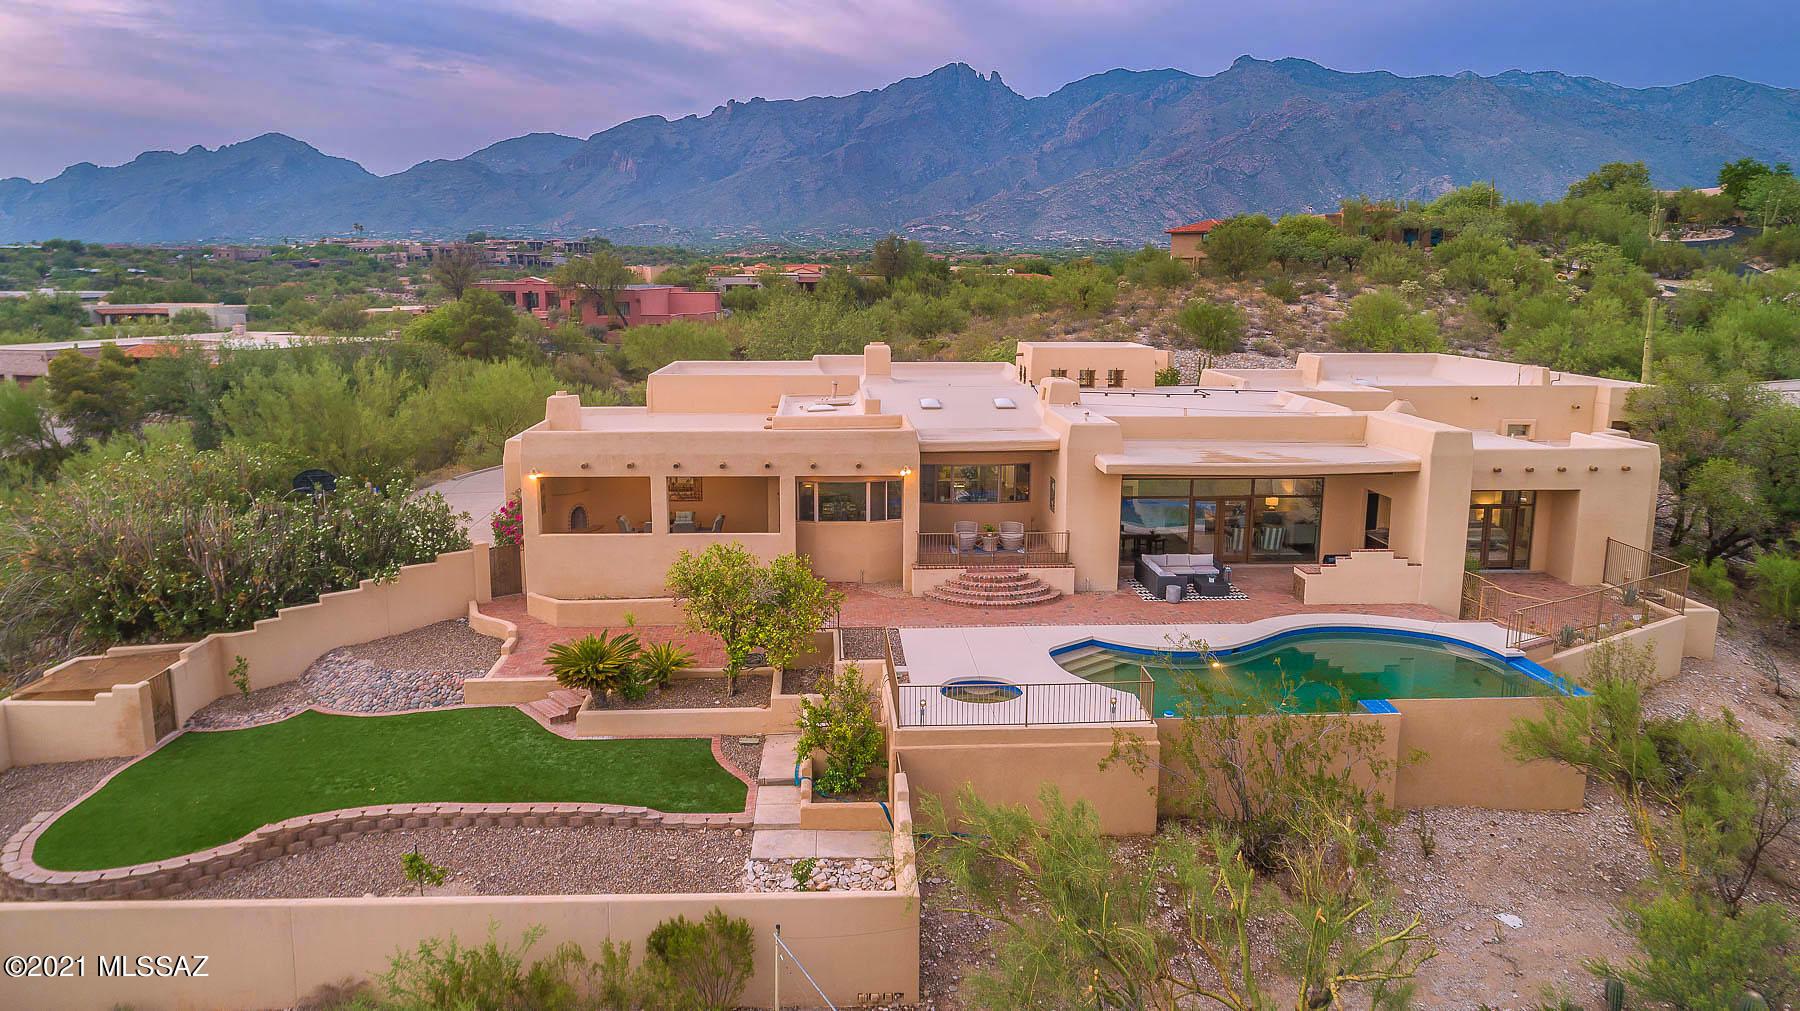 Photo of 3840 E Placita Sumo, Tucson, AZ 85718